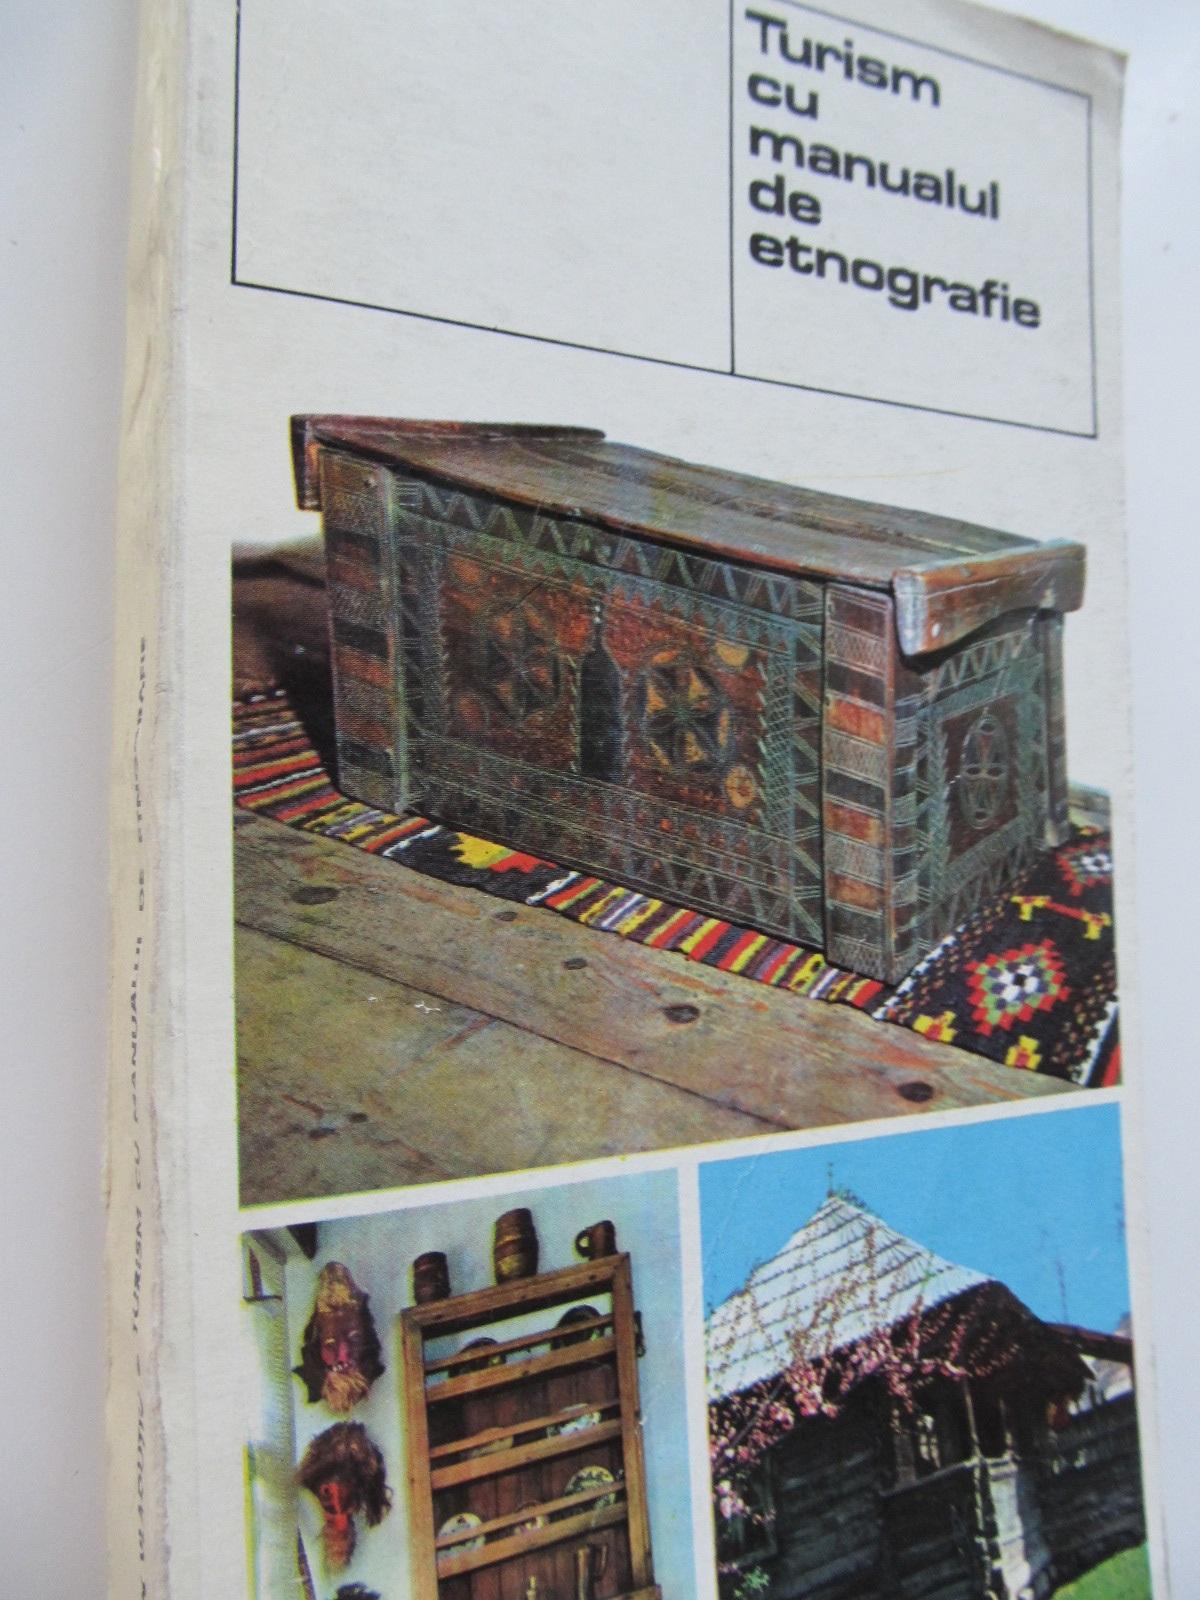 Turism cu manualul de etnografie (cu harta) - Ion Vladutiu | Detalii carte